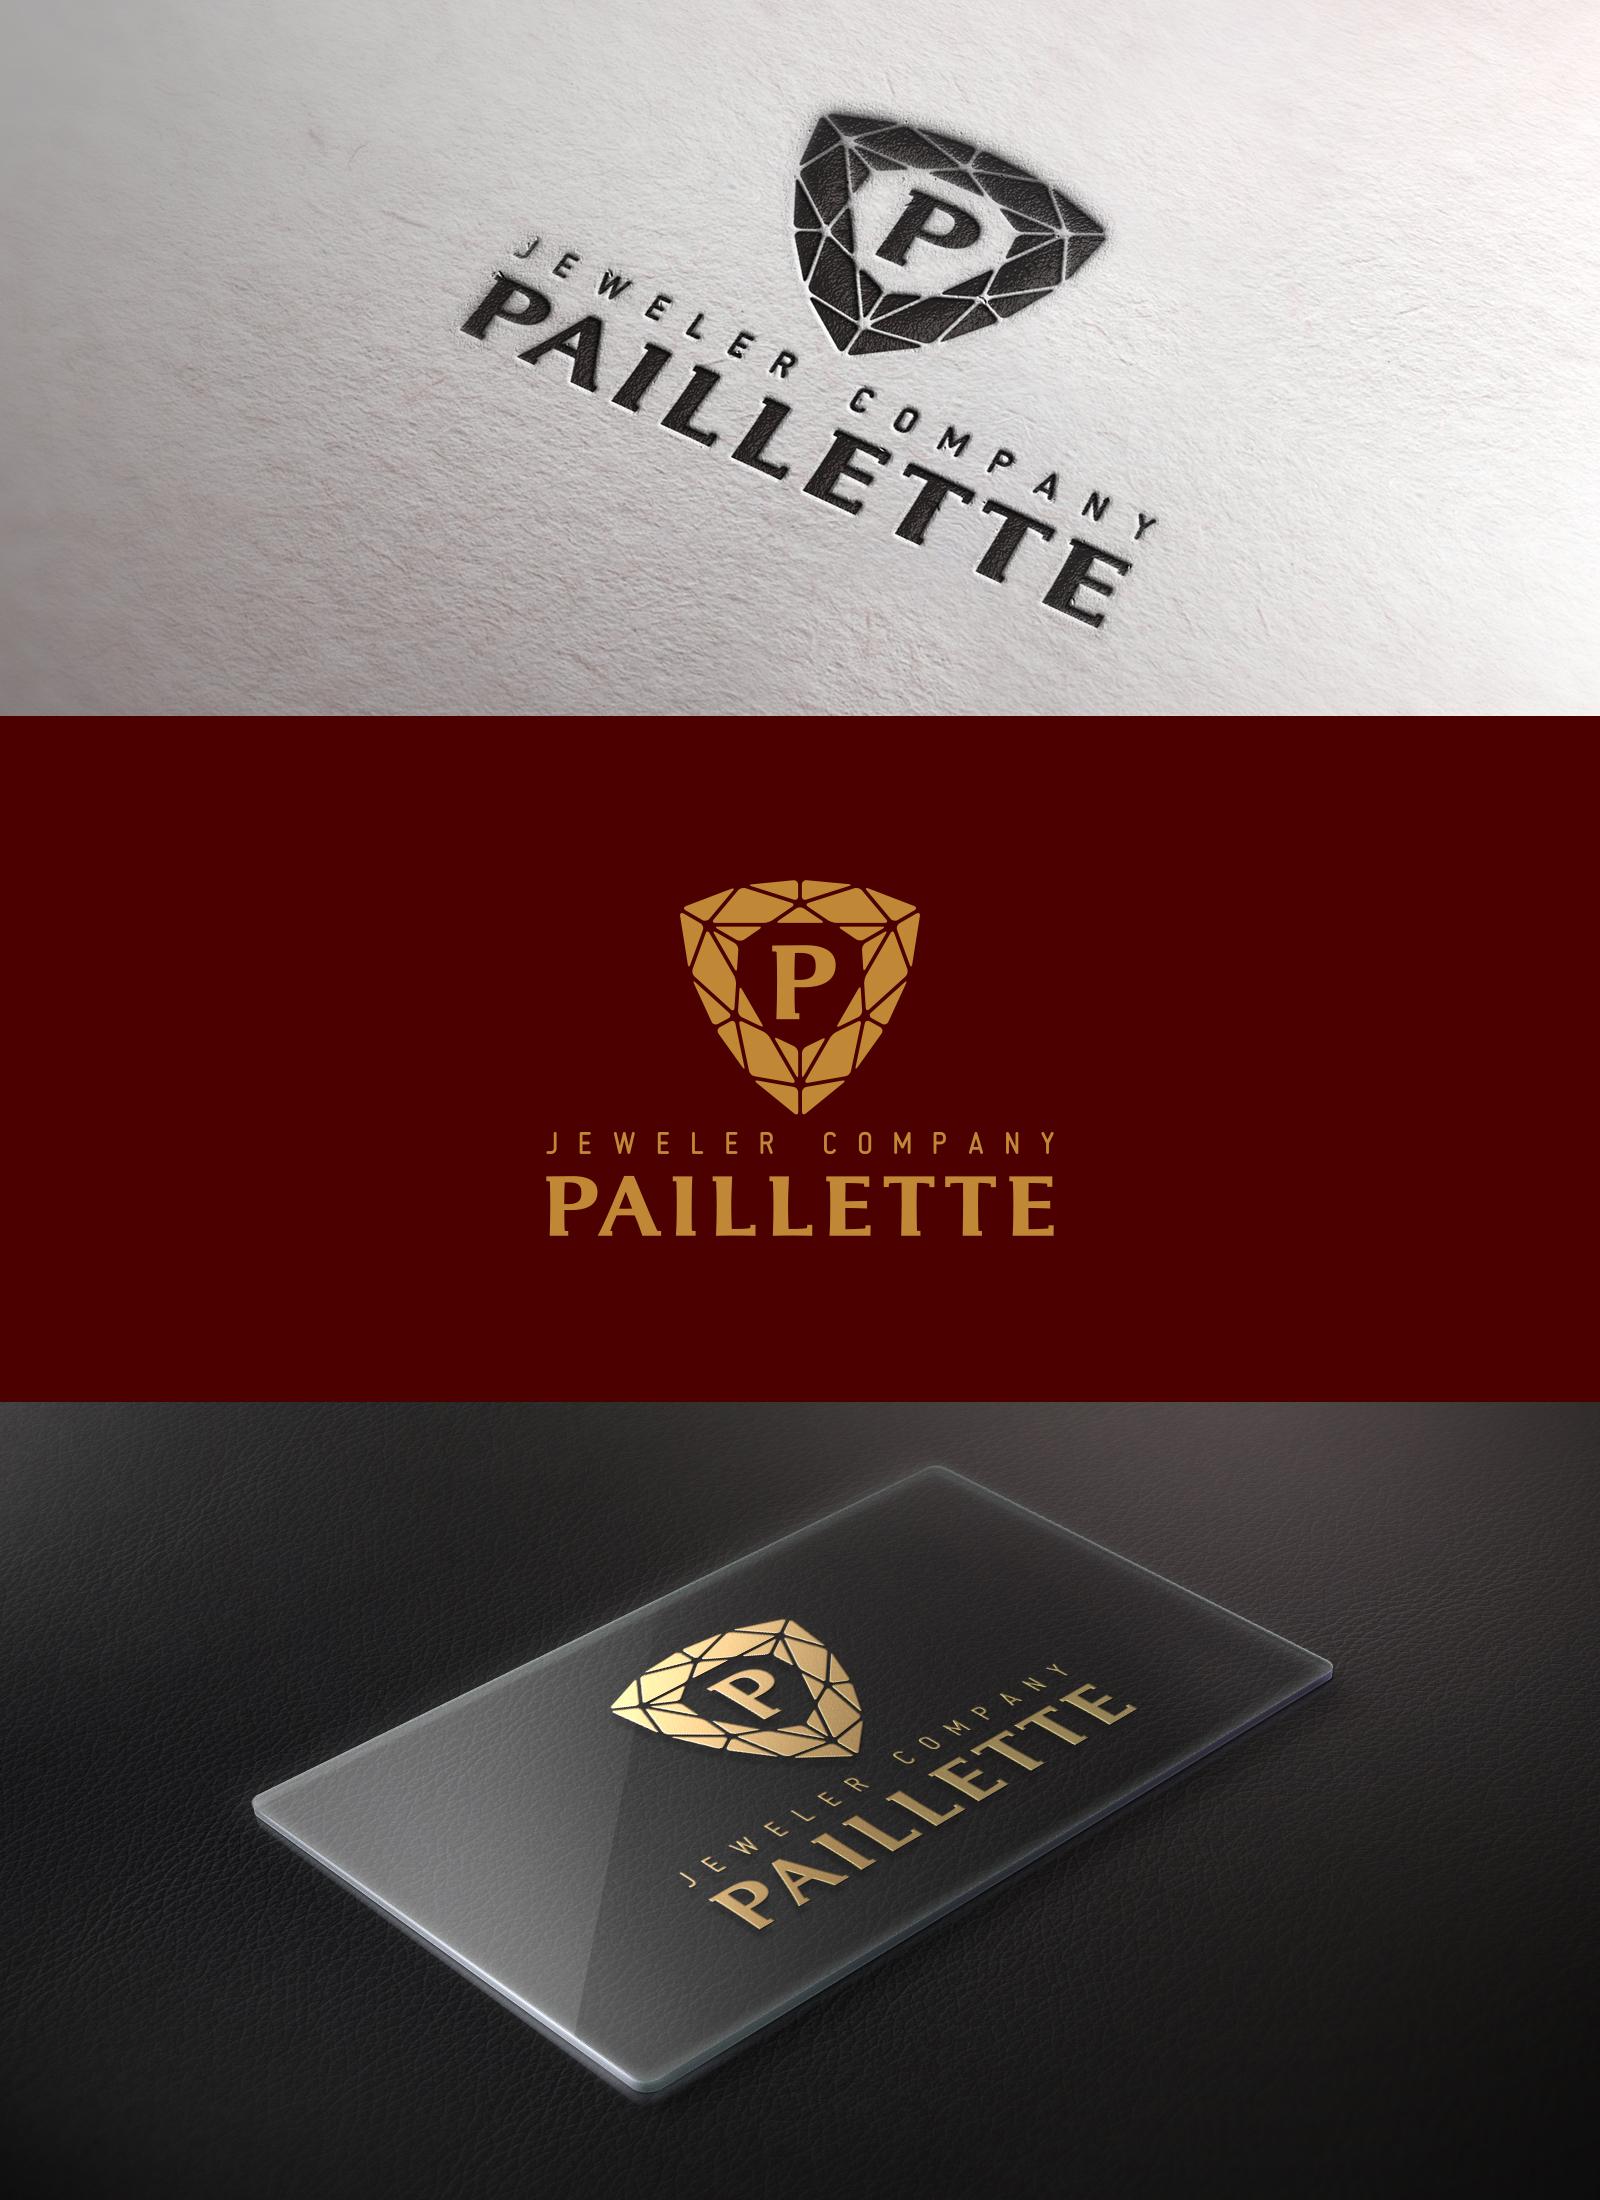 Разработка Логотипа. фото f_28951630e850f309.jpg